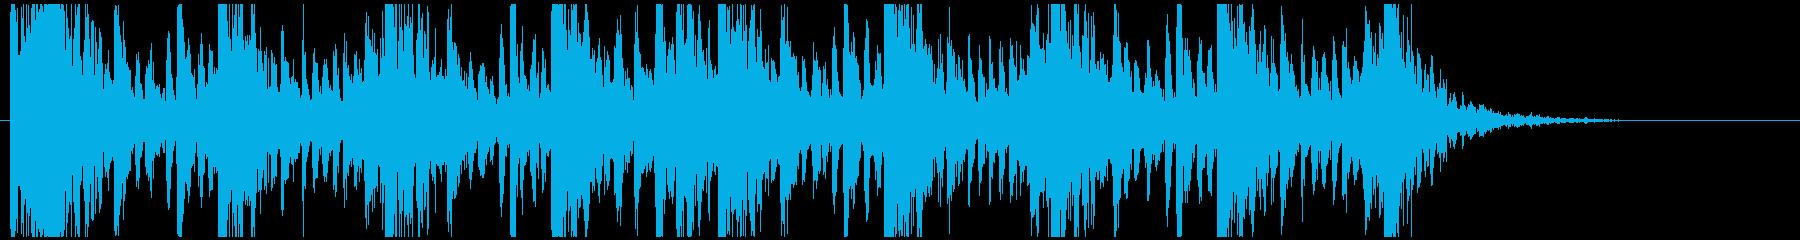 和太鼓のリズム2 残響なしBPM140の再生済みの波形